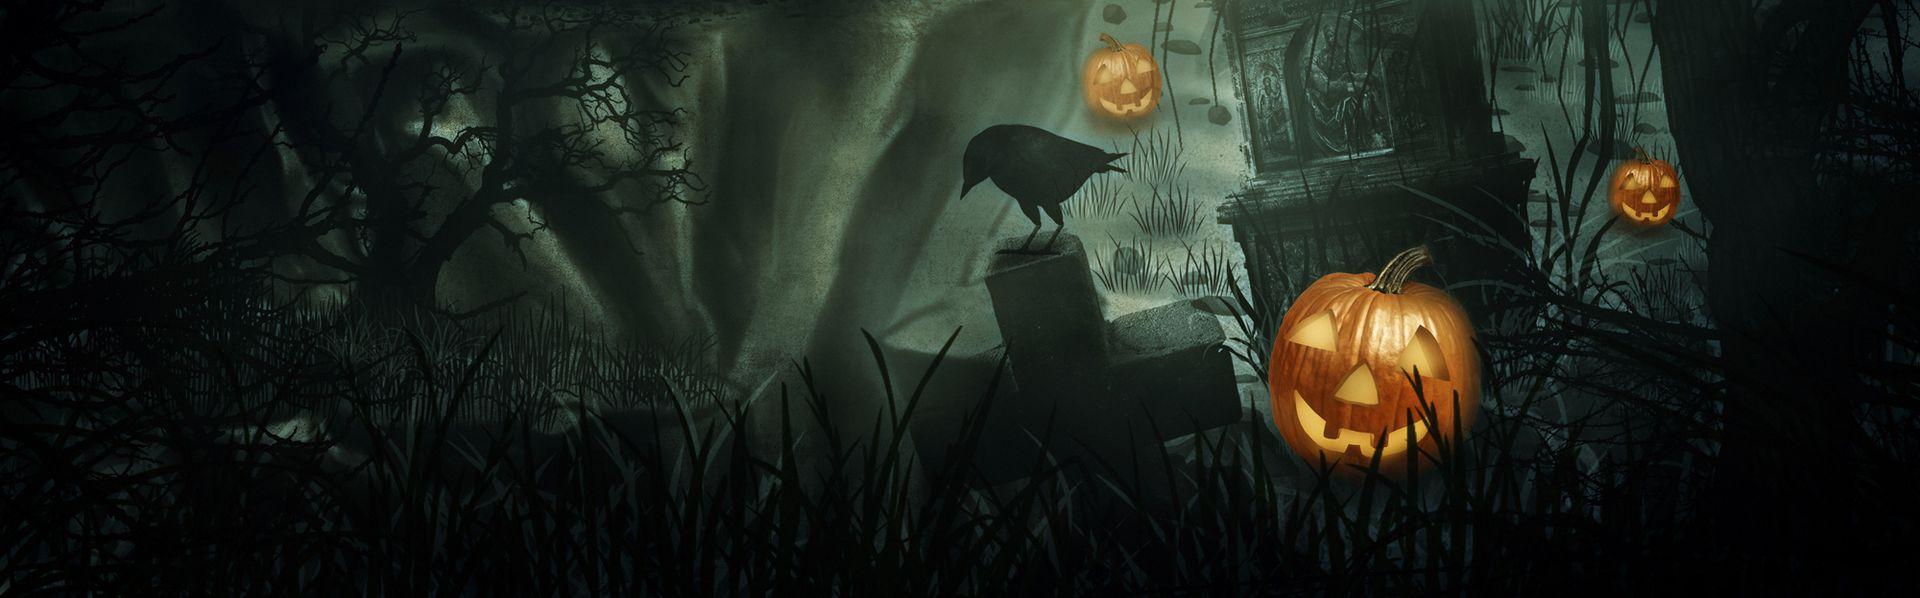 Halloween [© Dmytro Tolokonov - Fotolia]